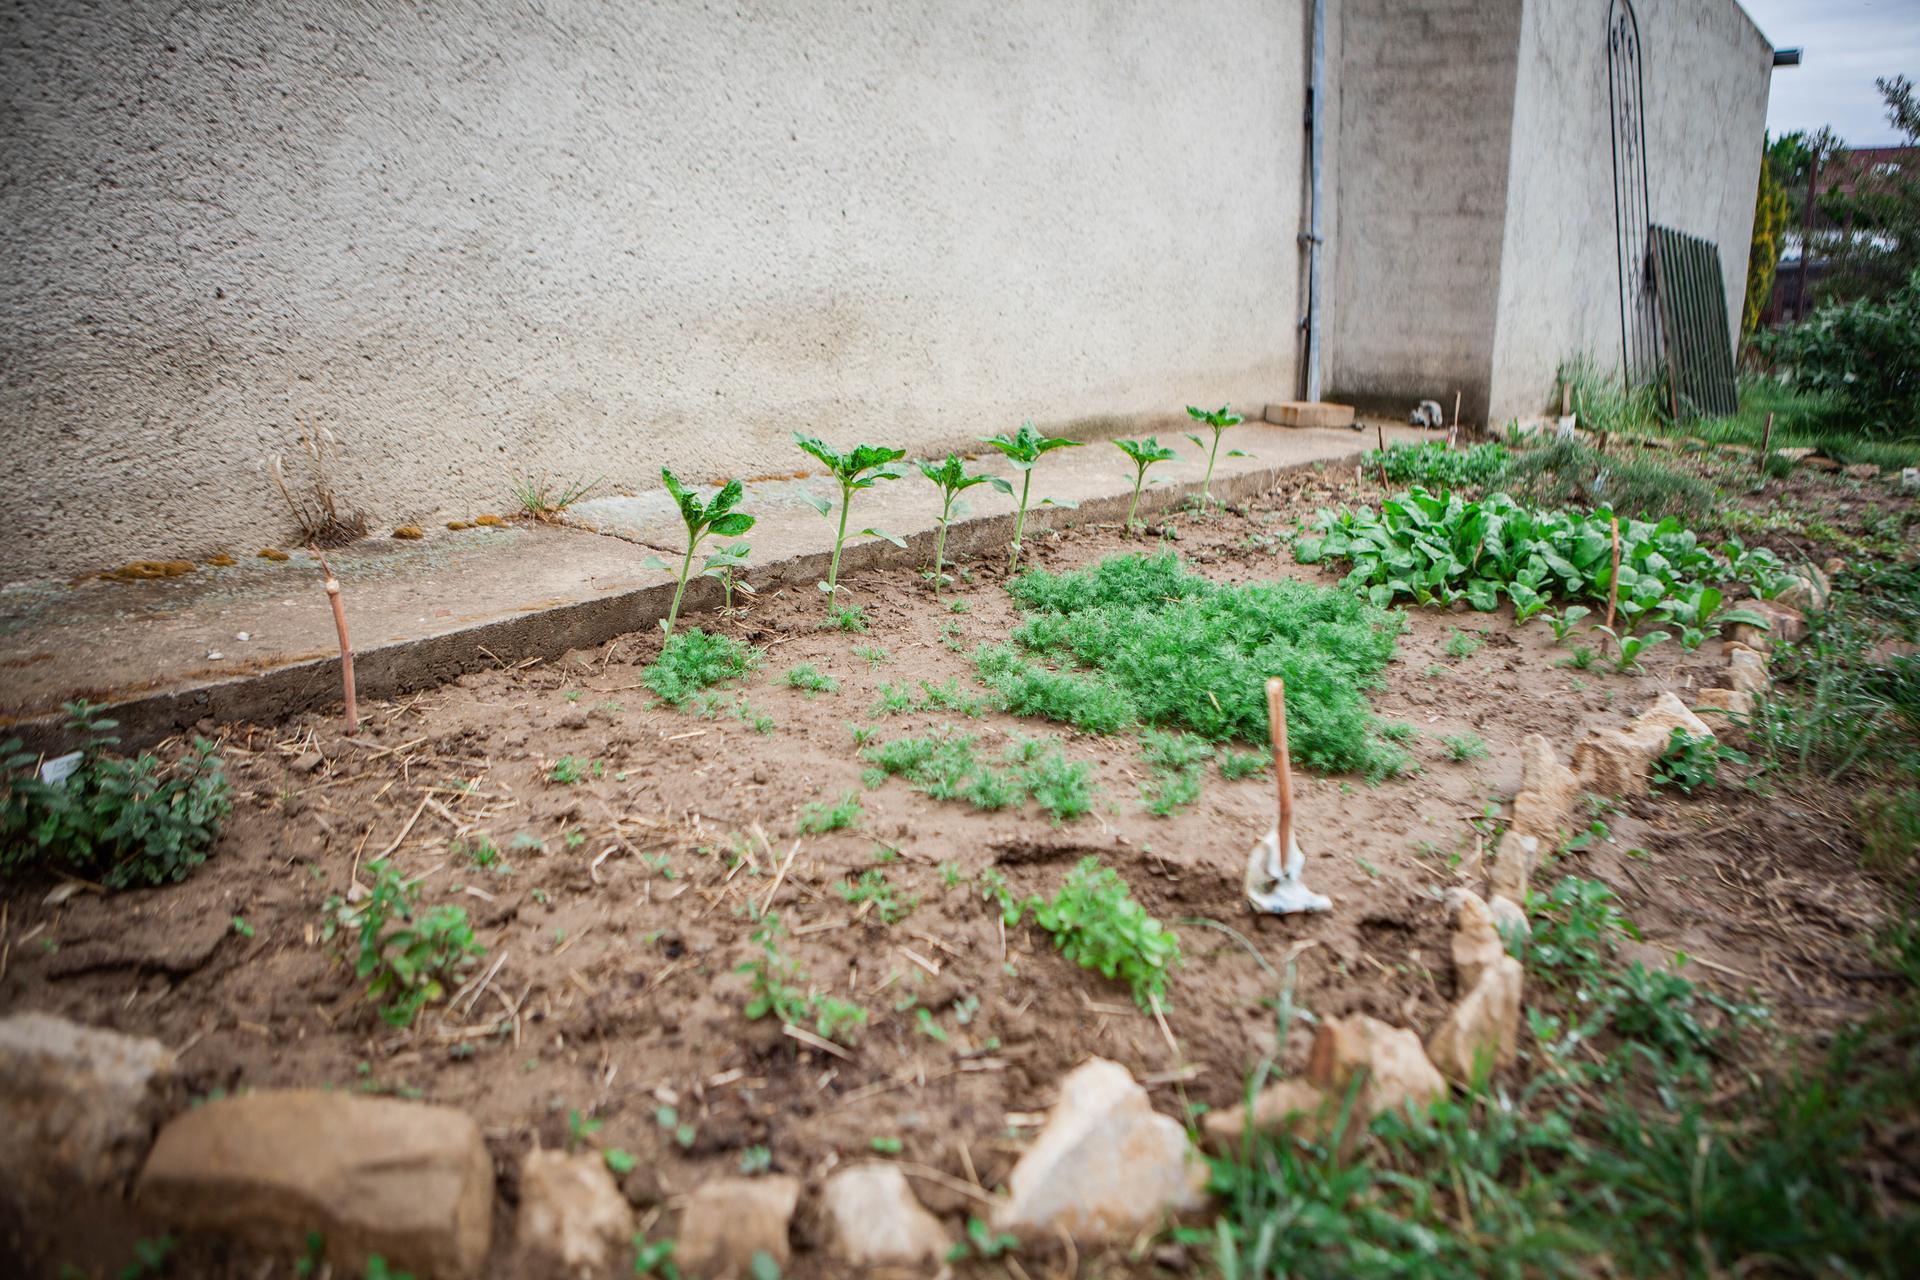 U nas v zahrade v roku 2020 - Obrázok č. 6